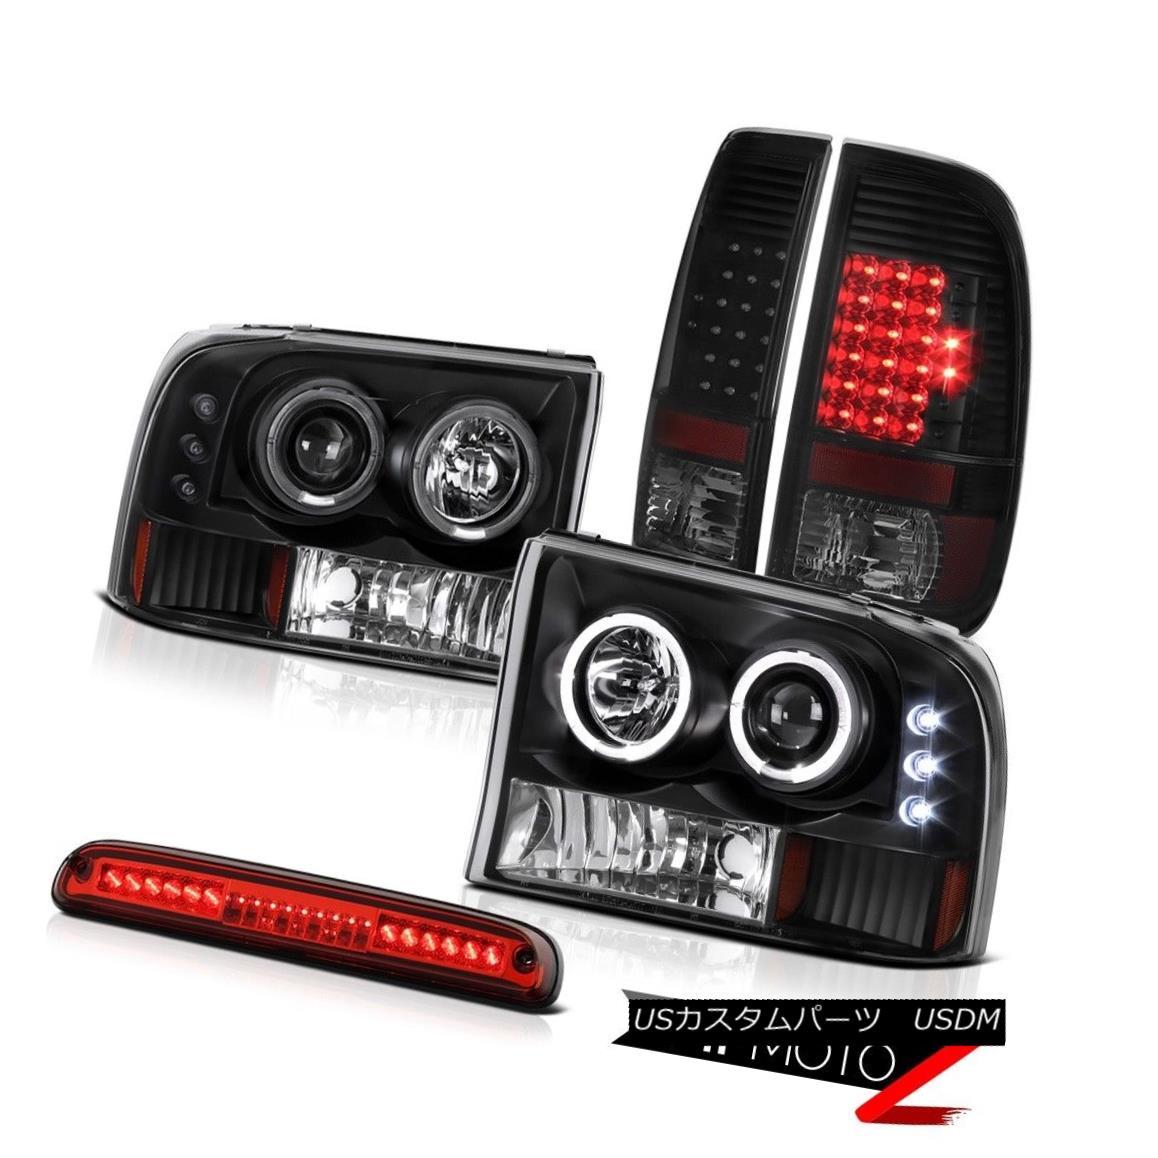 テールライト 99-04 F350 6.8L Black DRL Projector Headlights Brake Tail Lights LED High Stop 99-04 F350 6.8LブラックDRLプロジェクターヘッドライトブレーキテールライトLEDハイストップ